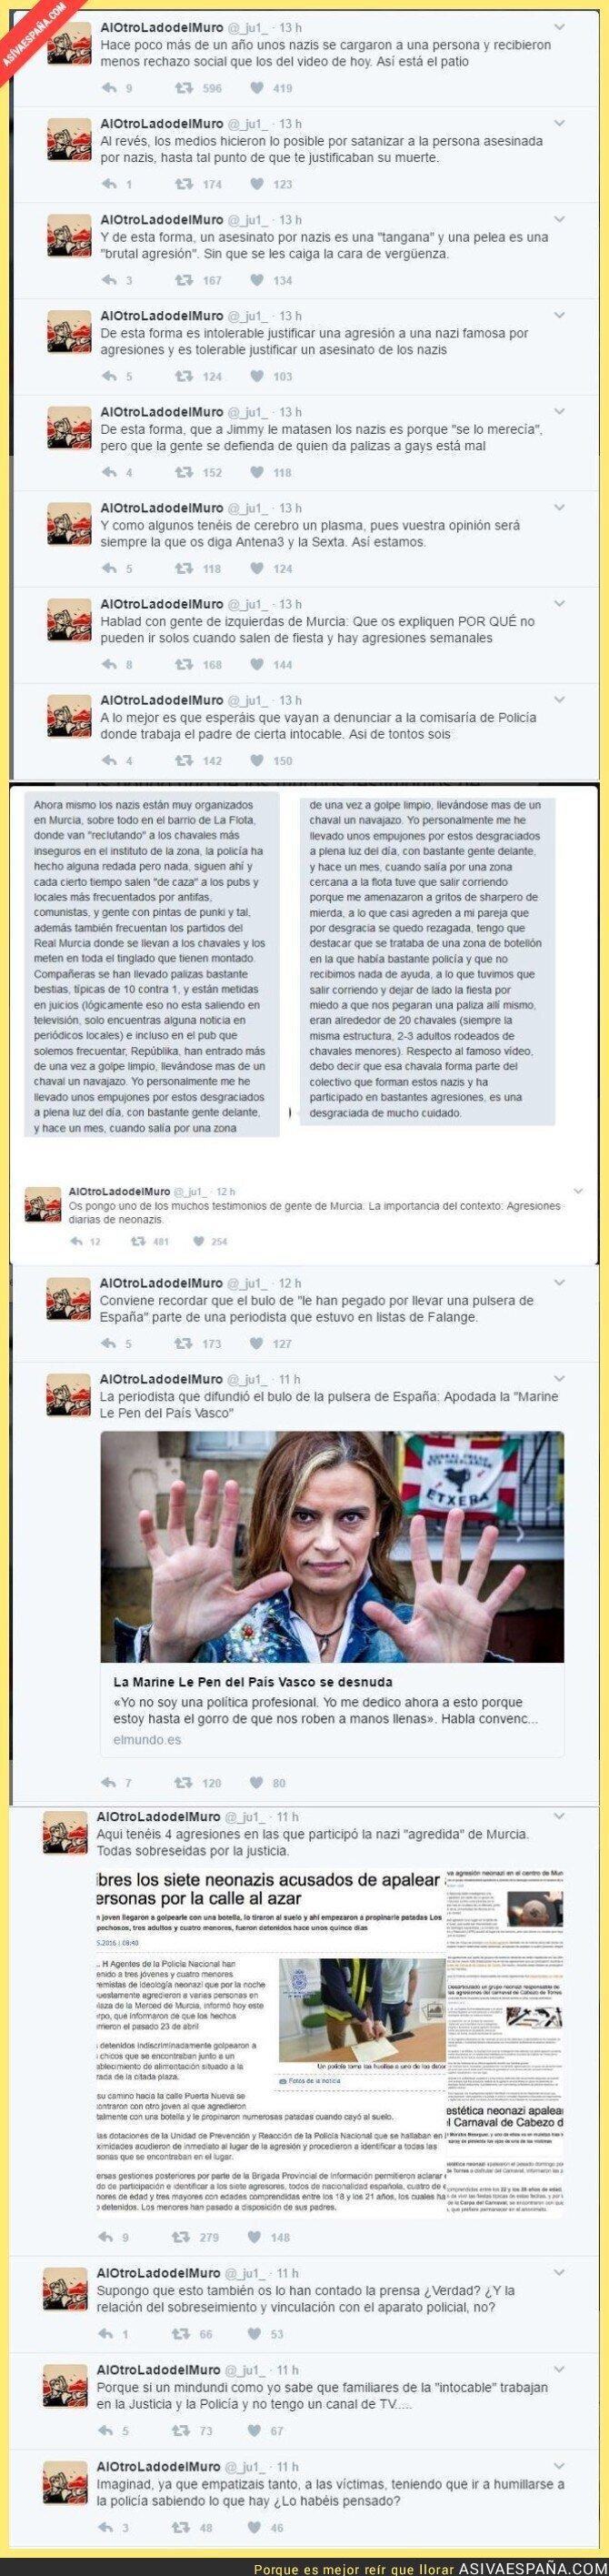 61417 - Un poco de contexto sobre las agresiones NEONAZIS diarias en Murcia